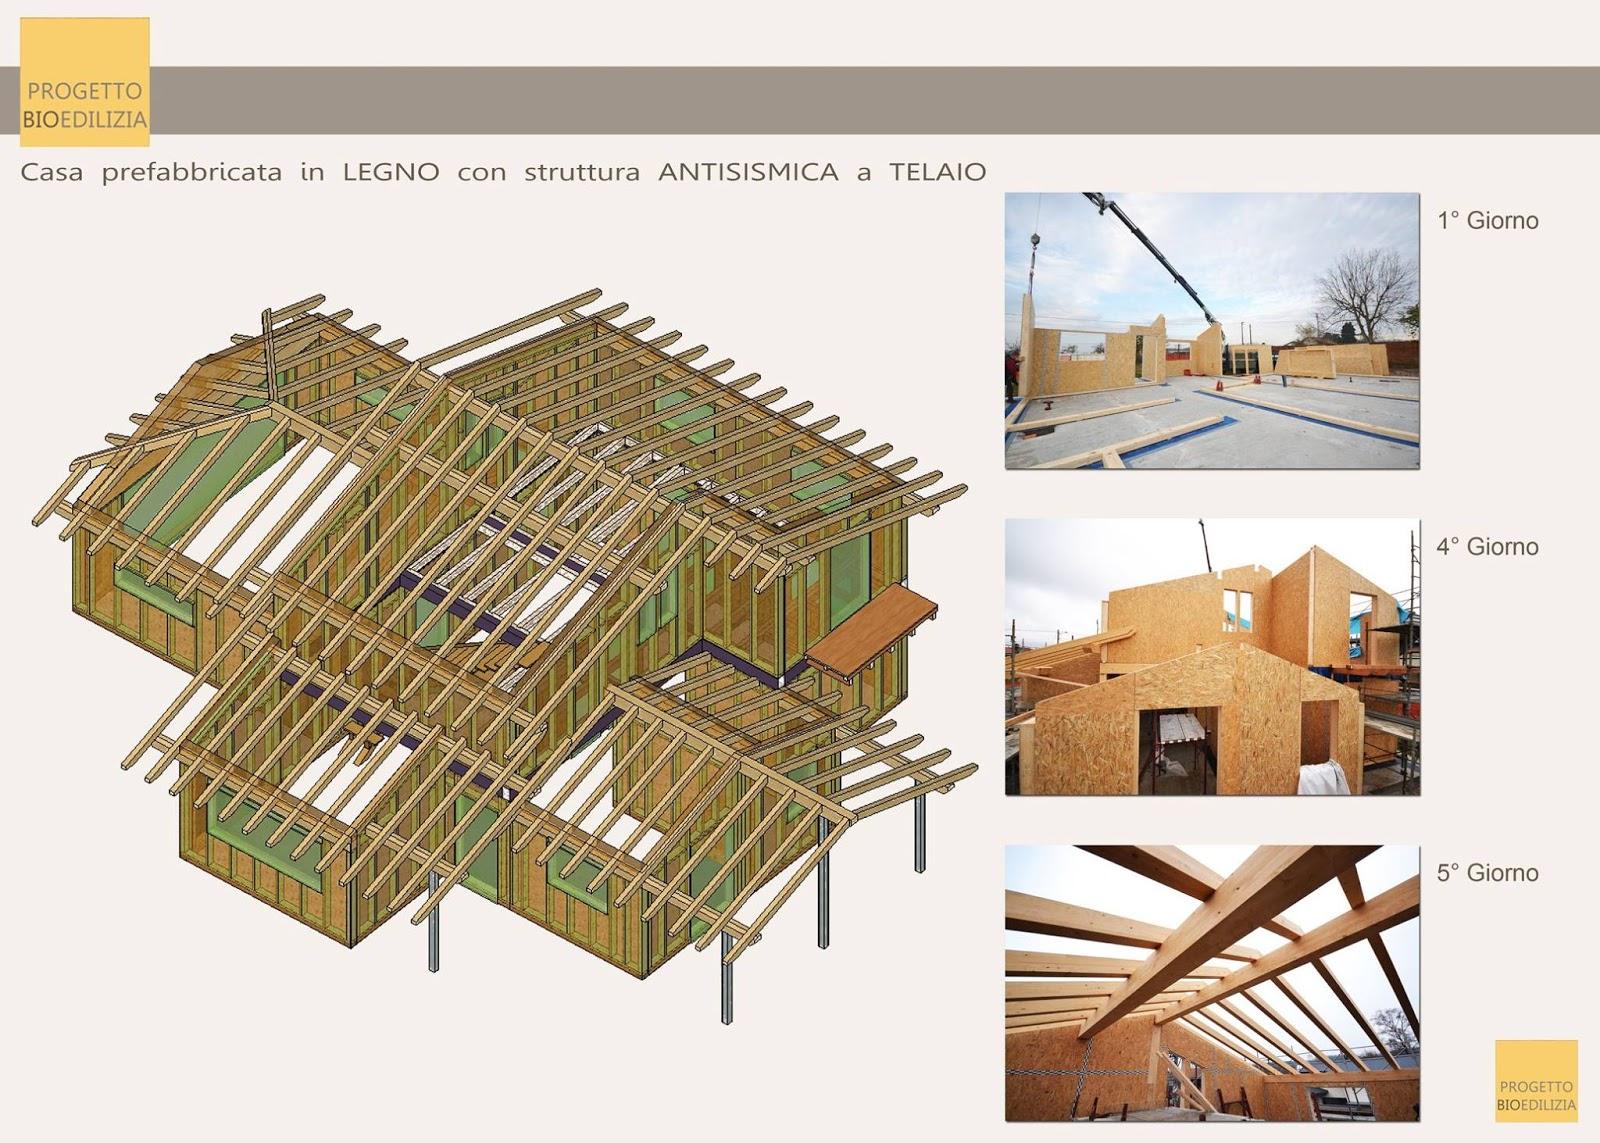 Bioedilizia case prefabbricate ecologiche - Quanto costa costruire una casa in legno ...